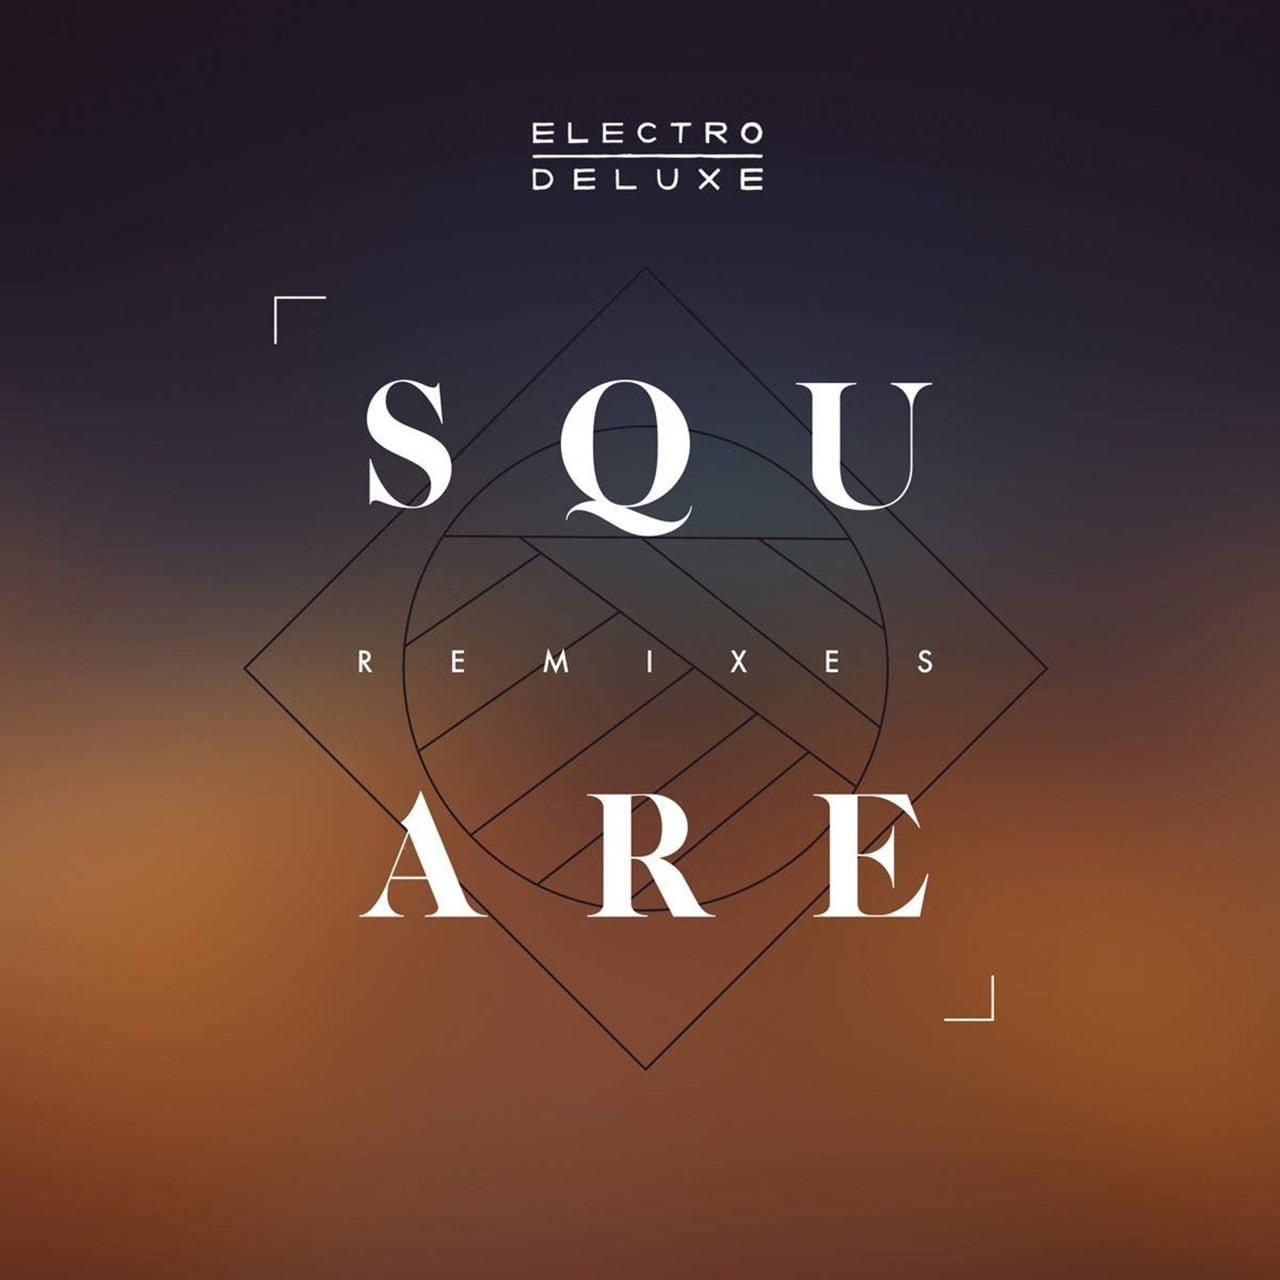 Square Remixes - 1